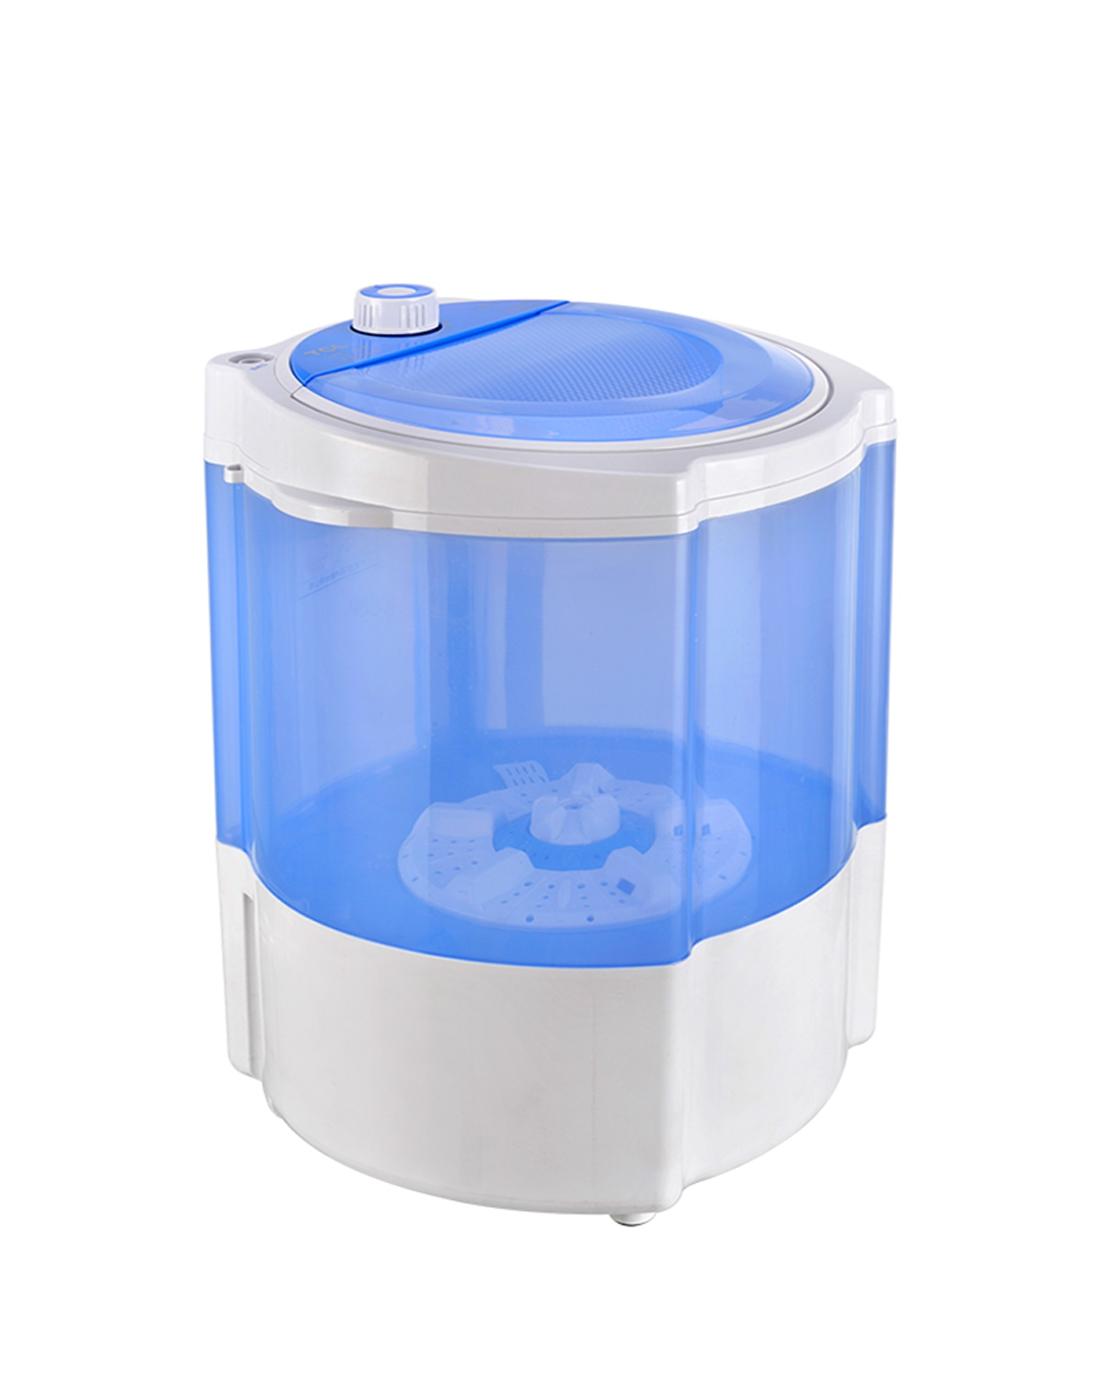 > 3.5公斤单筒小型半自动迷你洗衣机